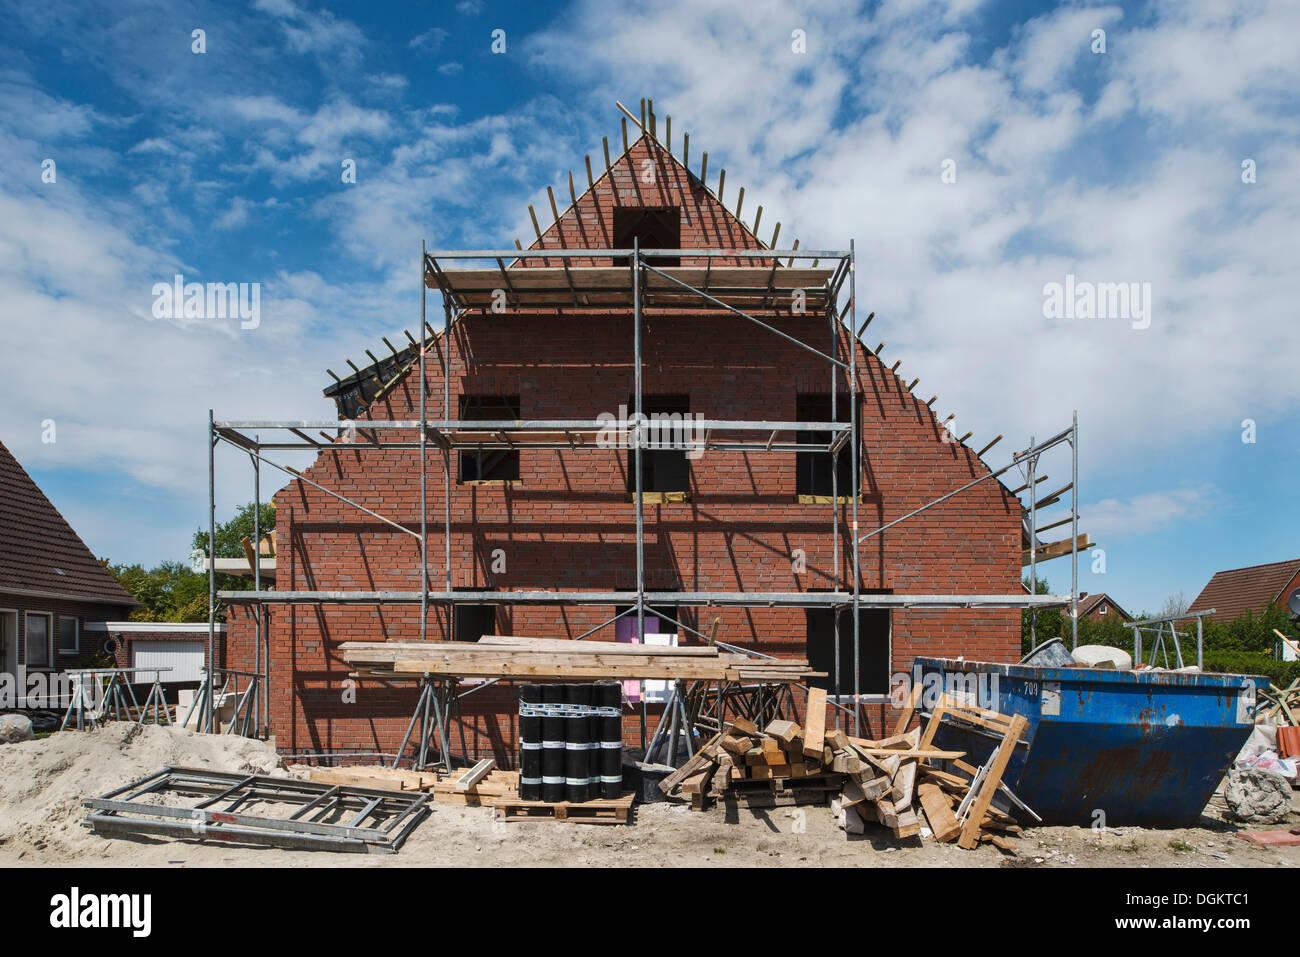 Construction échafaudée, appartement maison, des tas de gravats et de matériaux de construction à l'avant, Norden, Frise orientale, Basse-Saxe Photo Stock